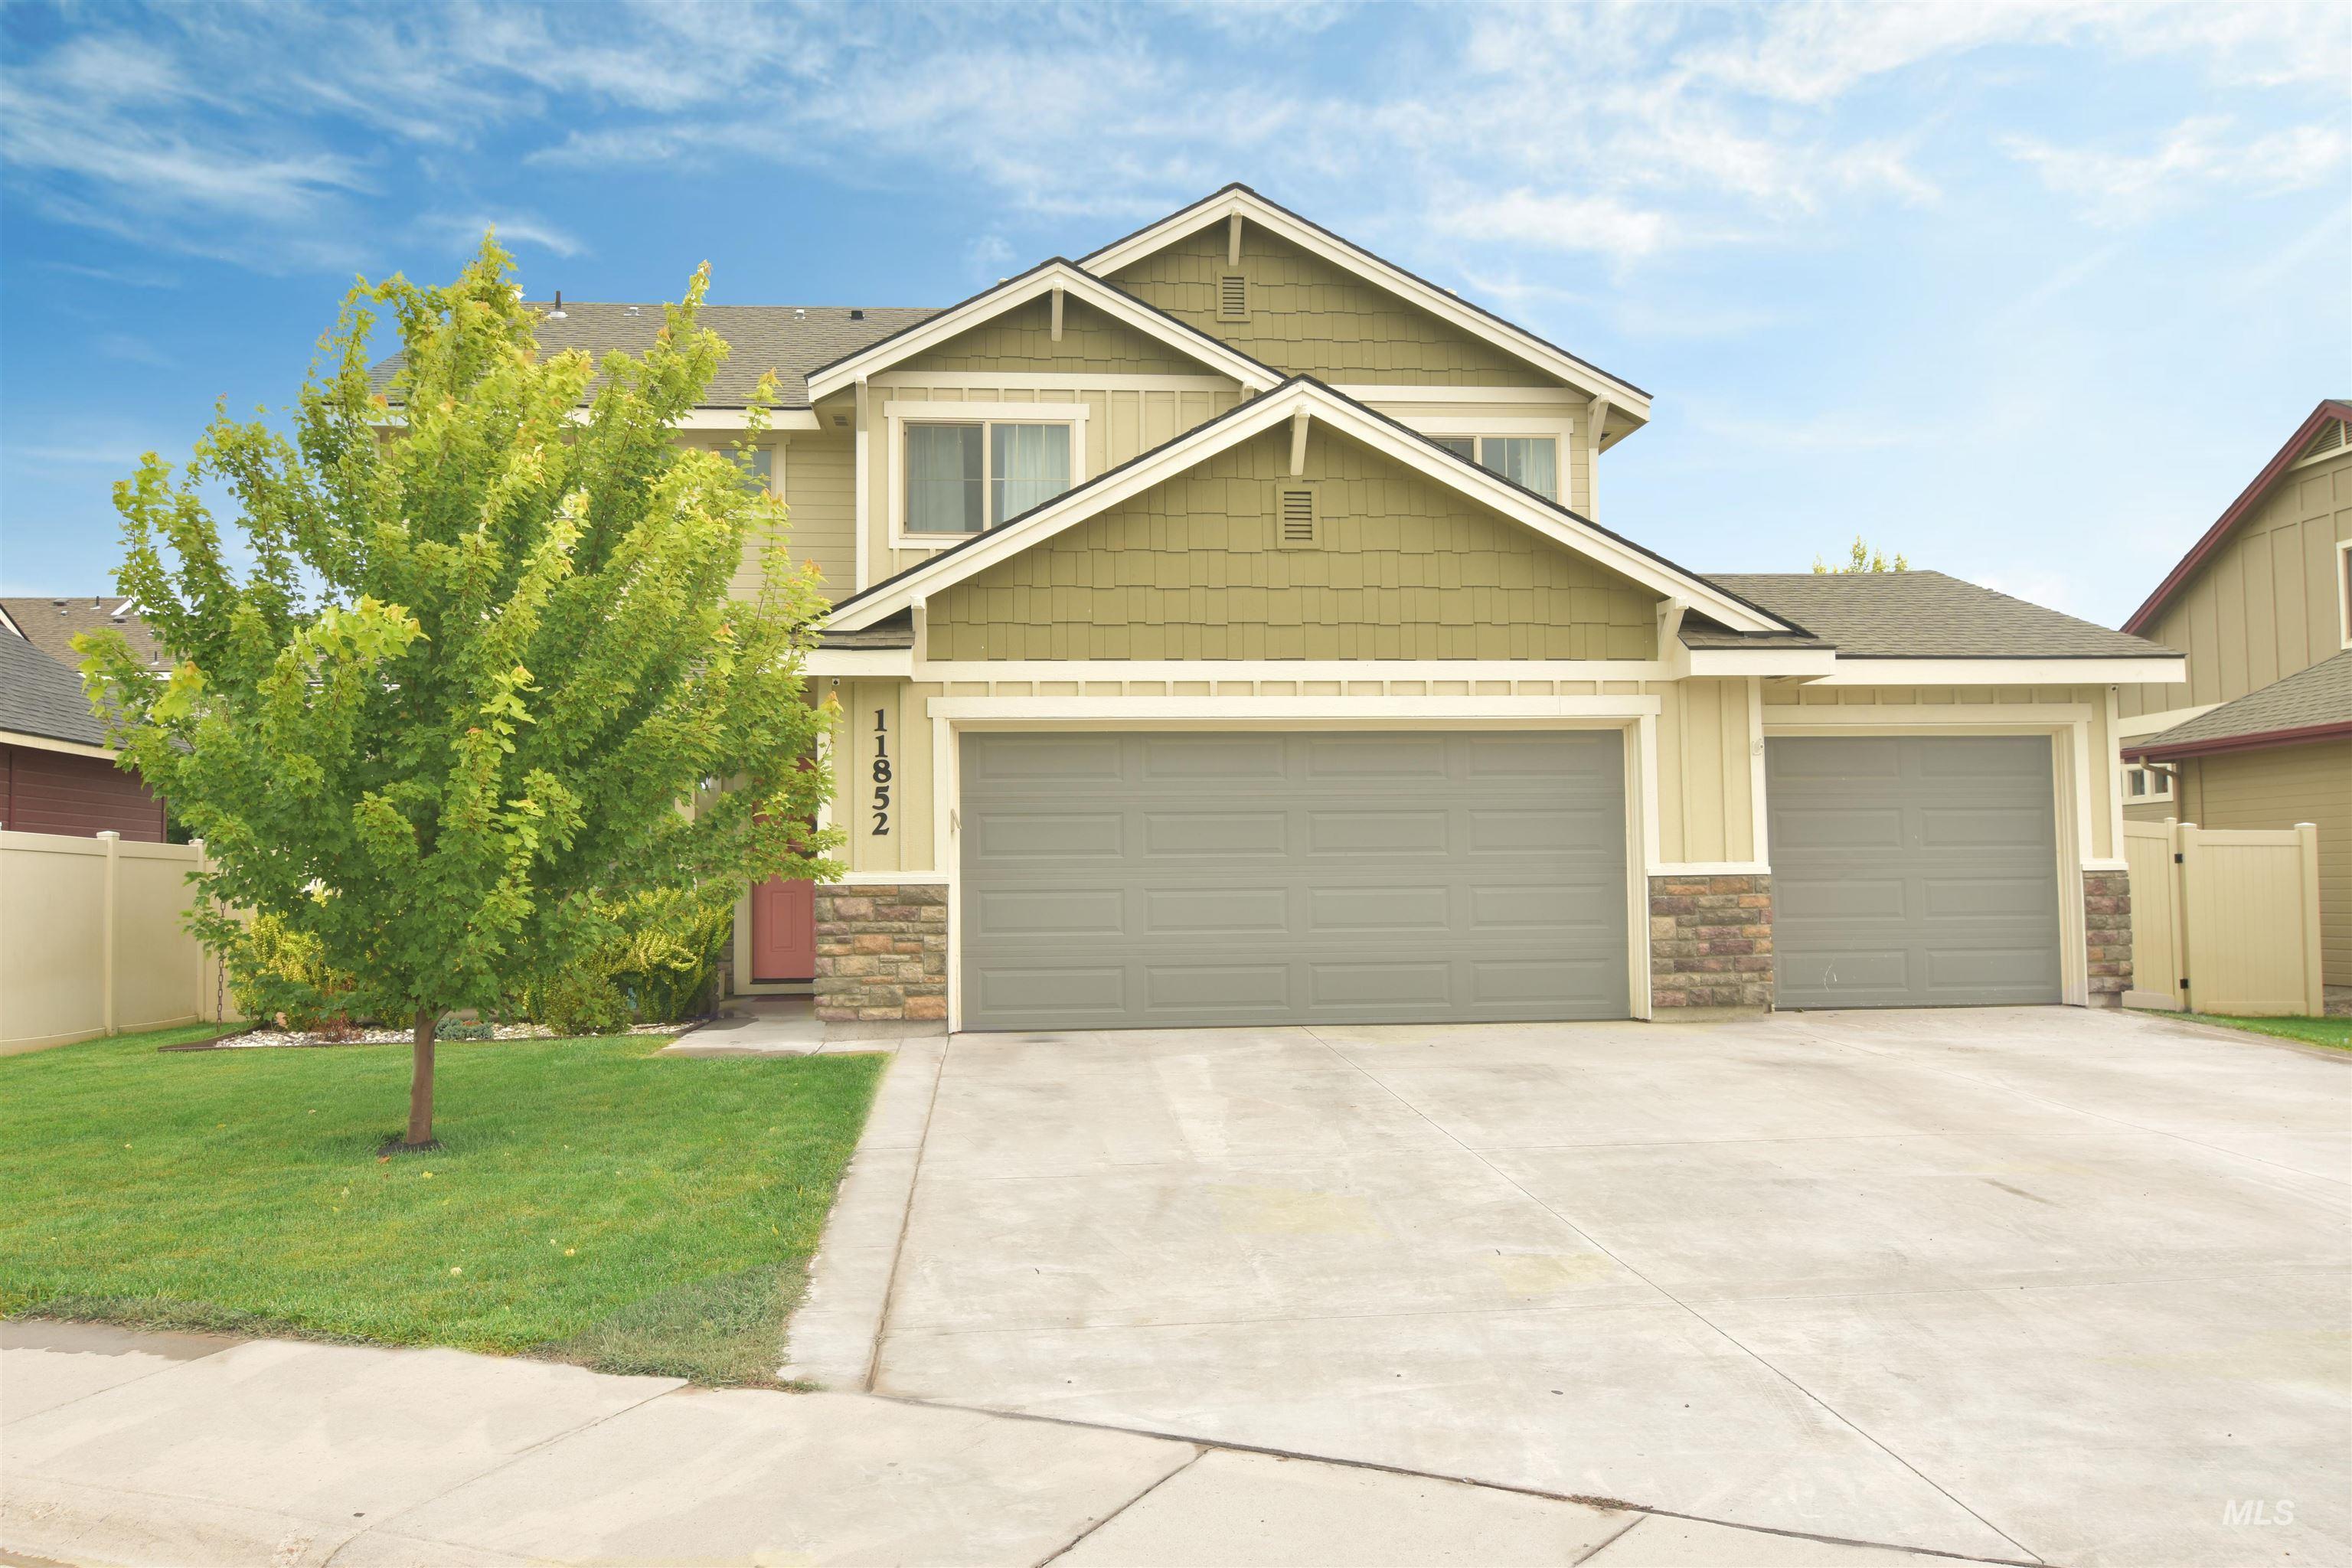 11852 Parakeet Way Property Photo 1